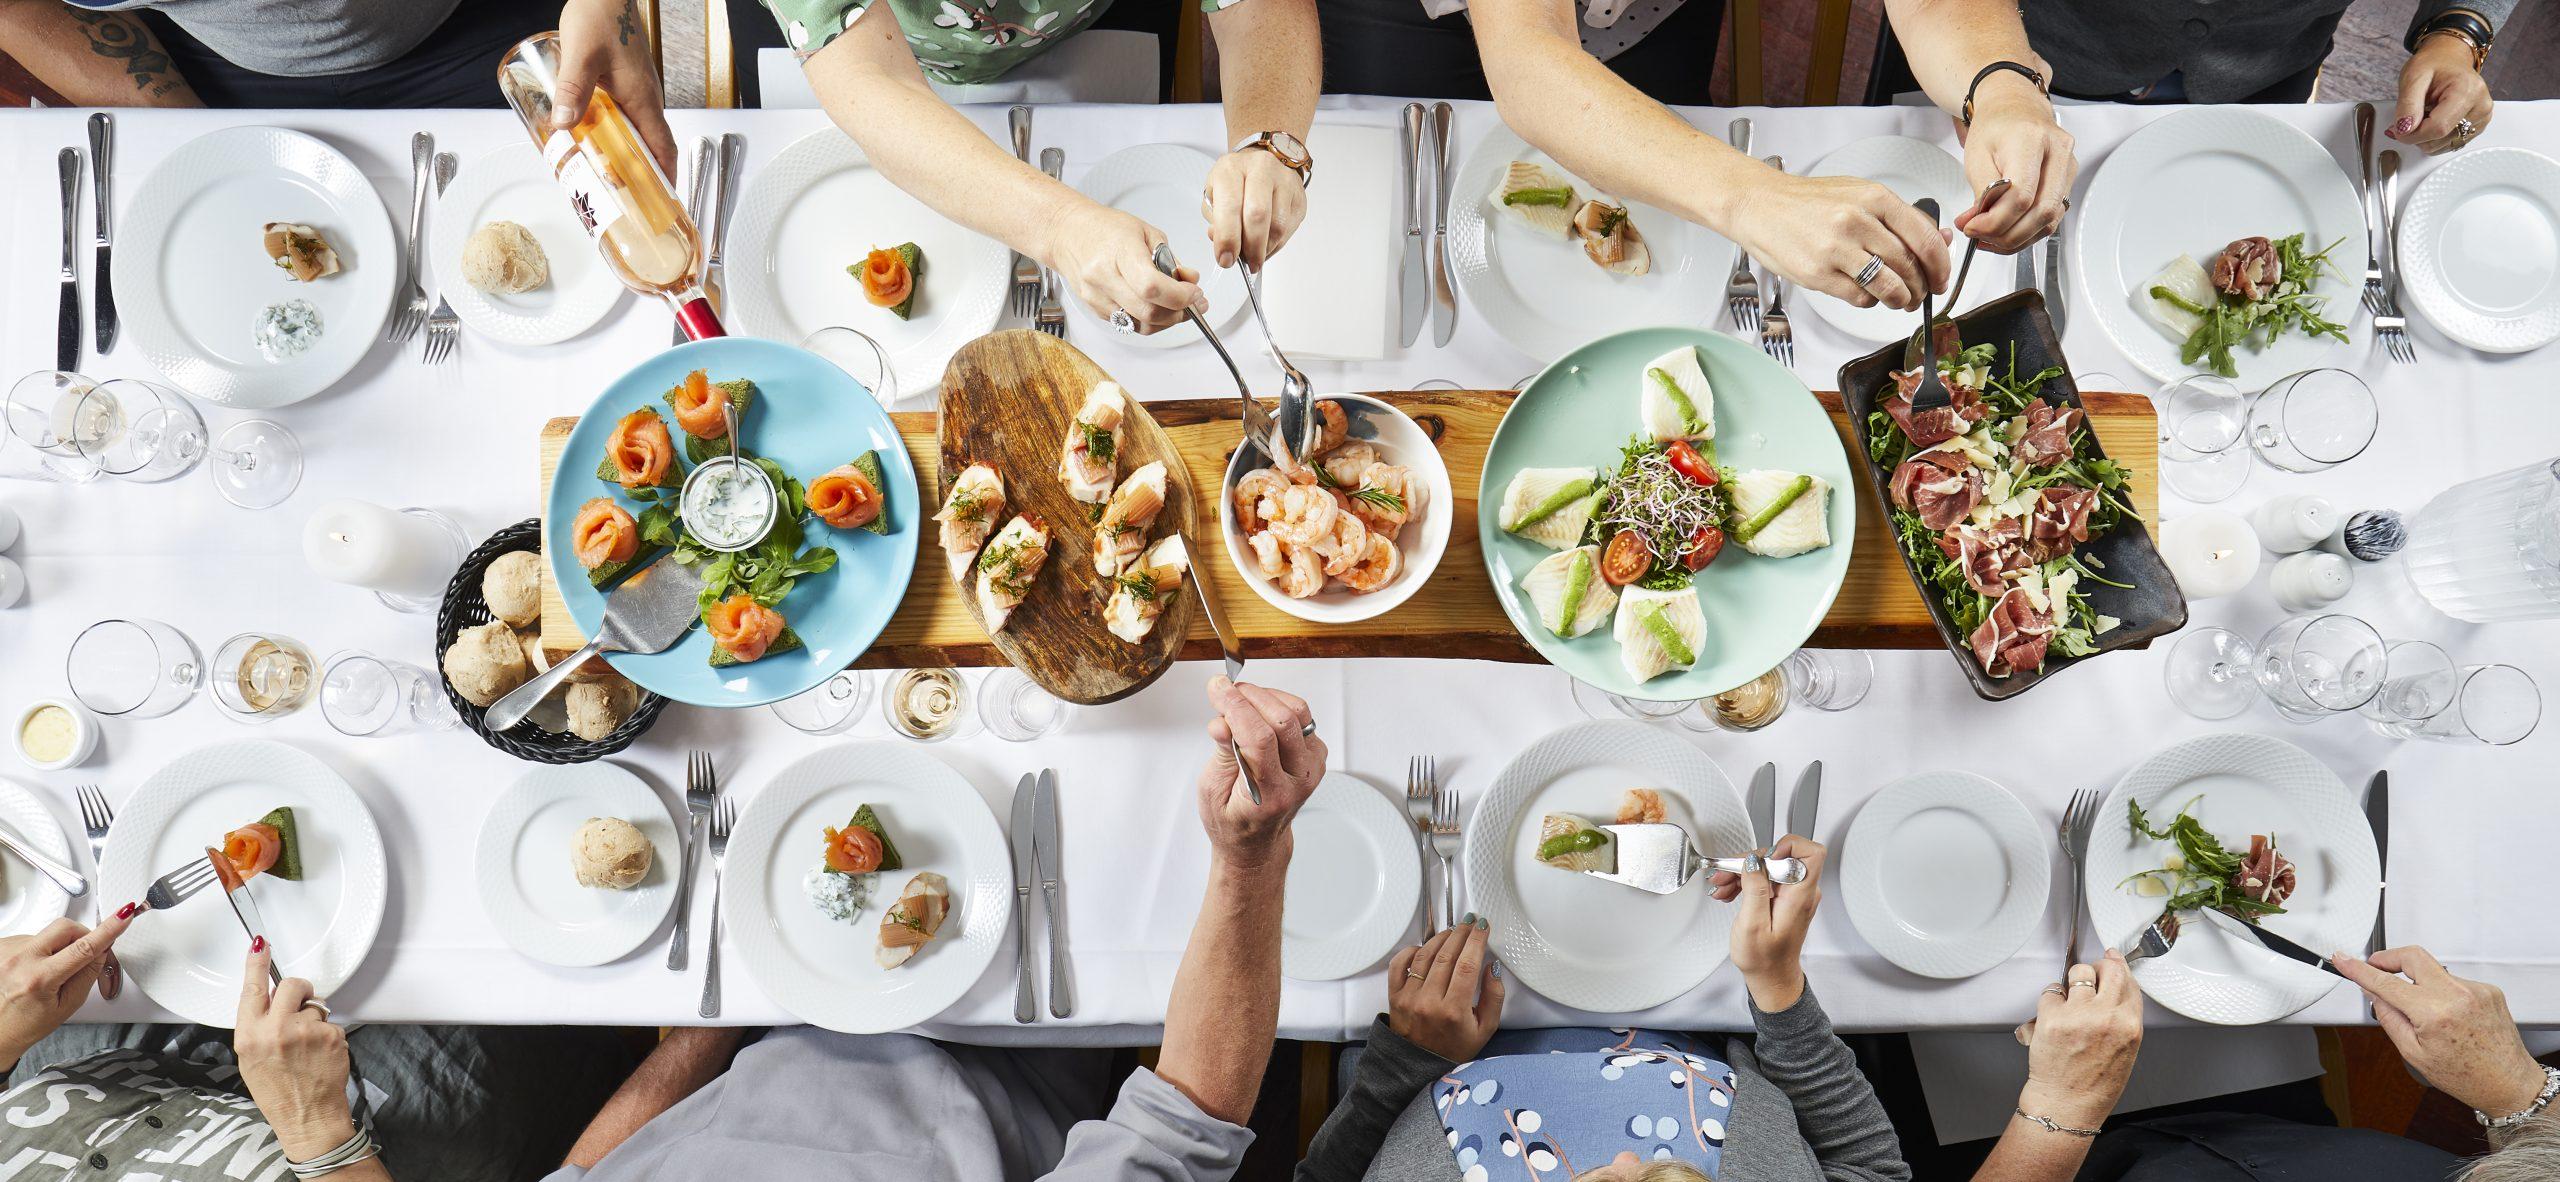 Af de i alt 356.000 beskæftigede på tværs af brancher der var været hjemsendt med lønkompensation fra 11. marts til ultimo august, var de 59.000 i hotel- og restaurantbranchen. Arkivpressefoto fra Vingsted Hotel og Konferencecenter.